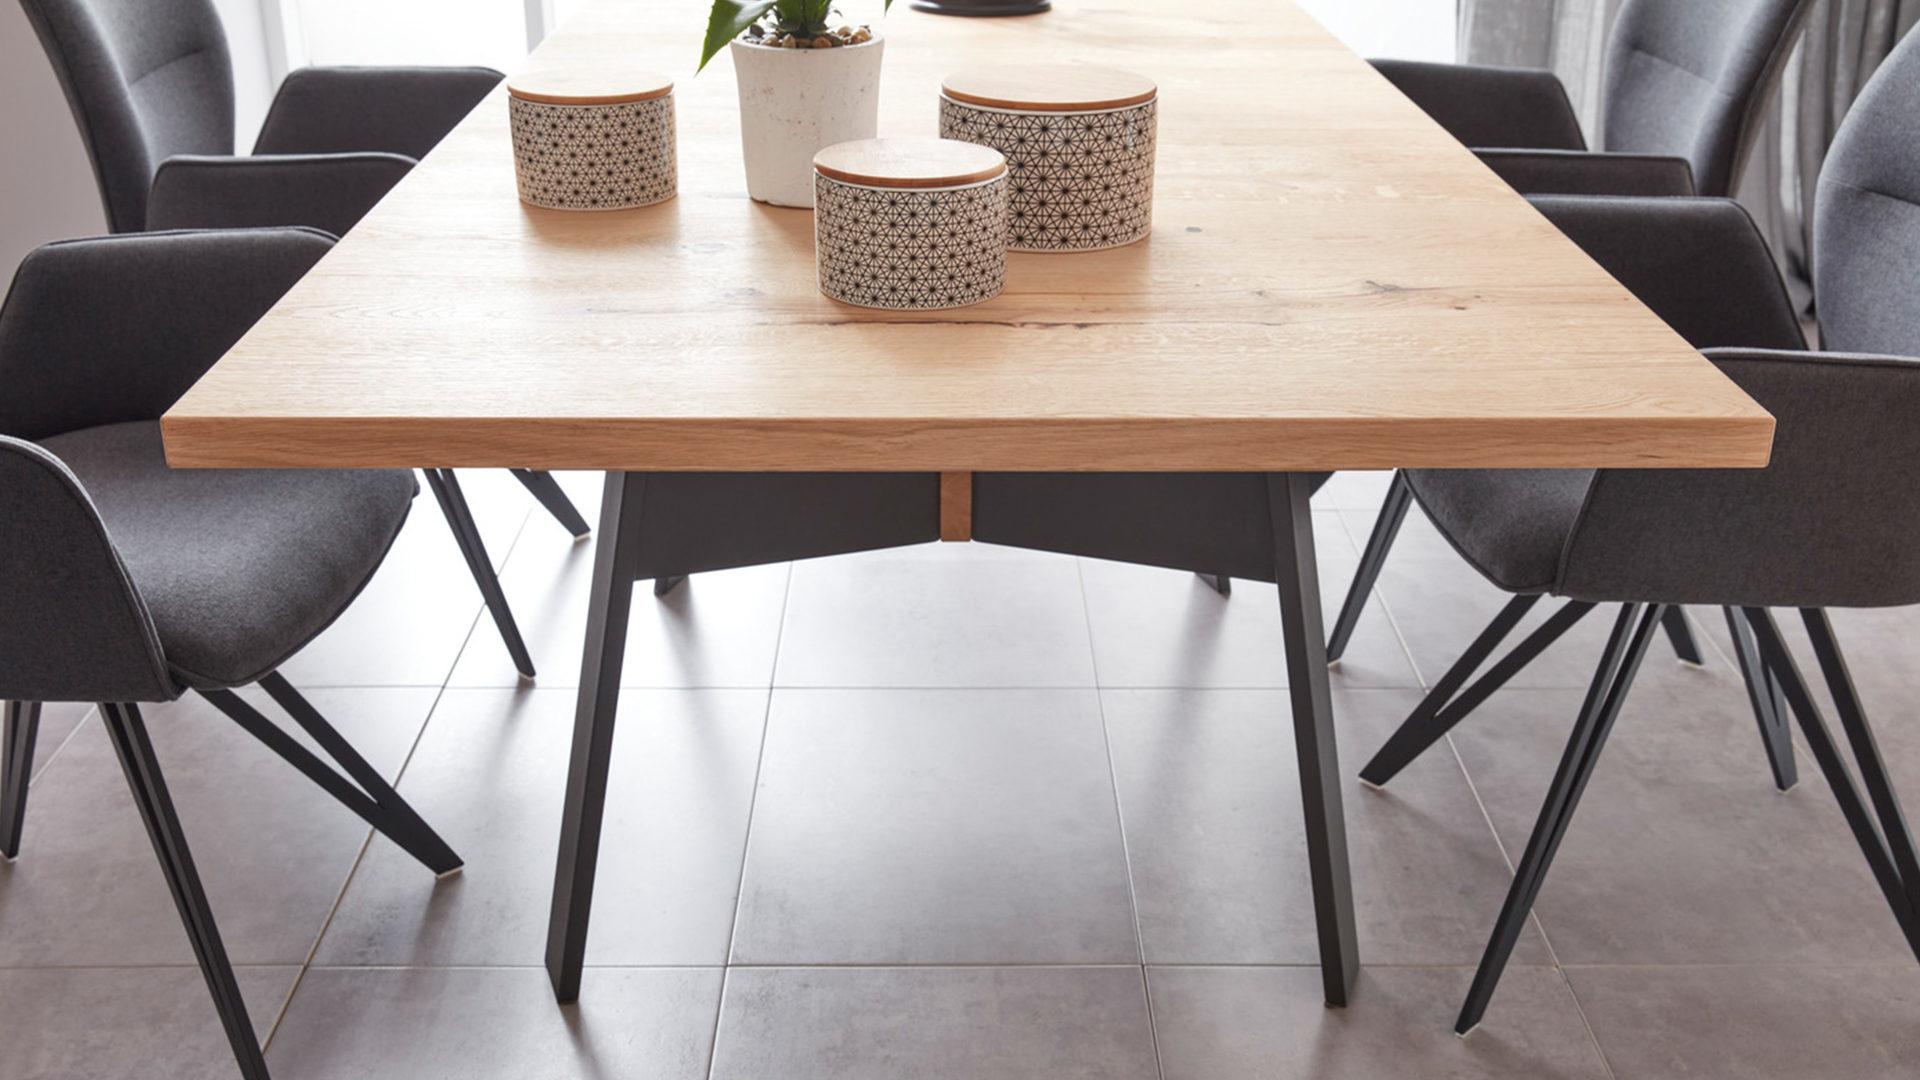 esstisch schwarz lack, interliving wohnzimmer serie 2103 – esstisch, schieferschwarzer lack &,, Design ideen